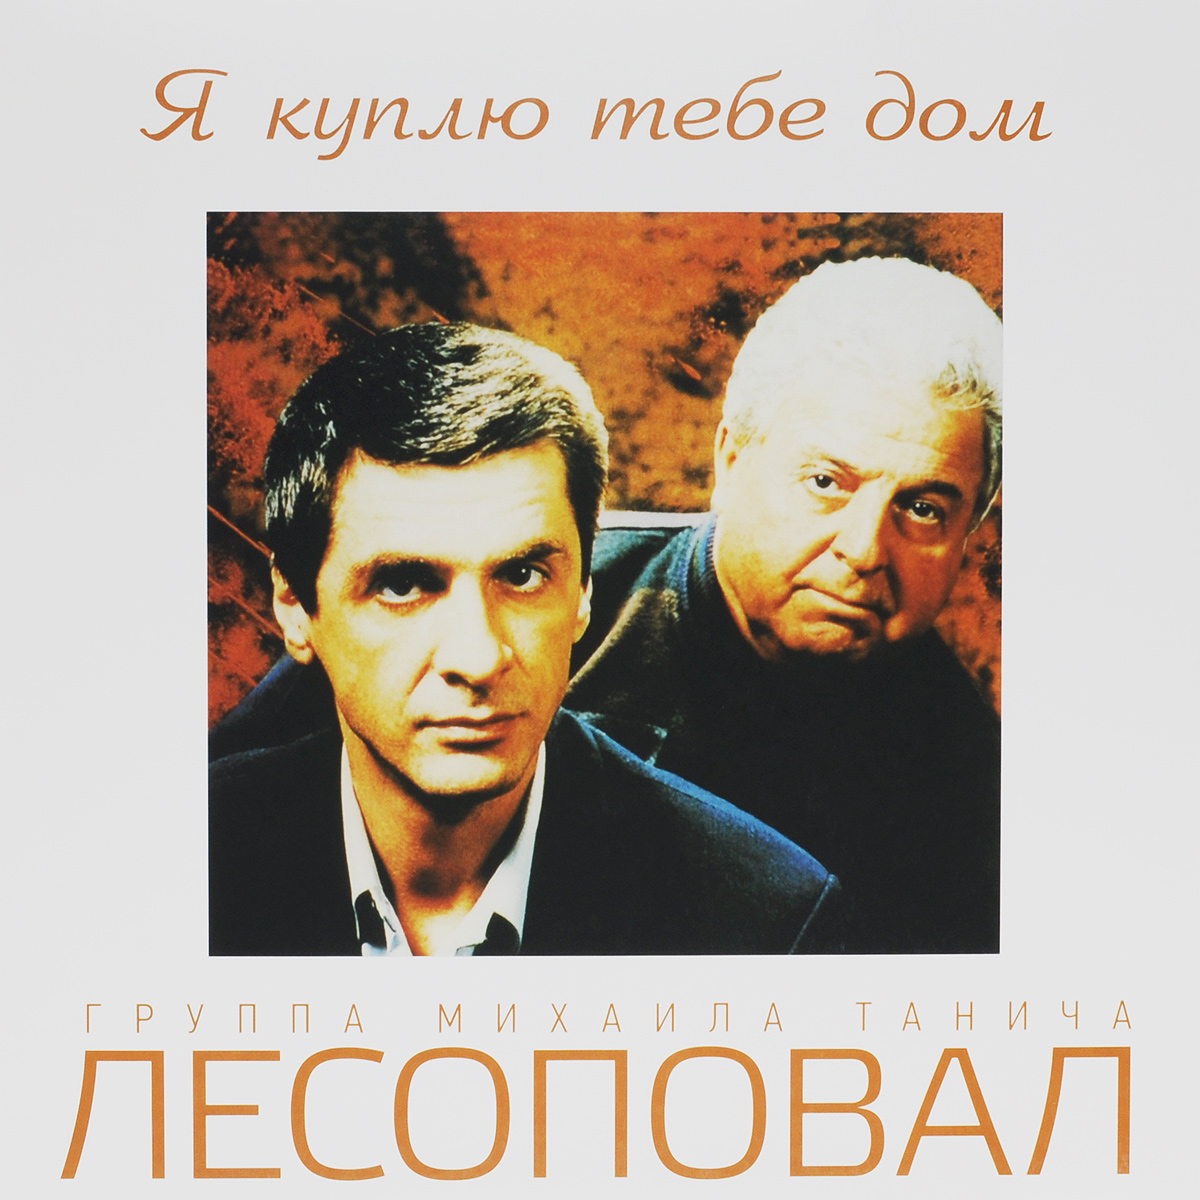 Лесоповал Группа Михаила Танича Лесоповал. Я куплю тебе дом (LP) куплю березу необрезную 1 рез